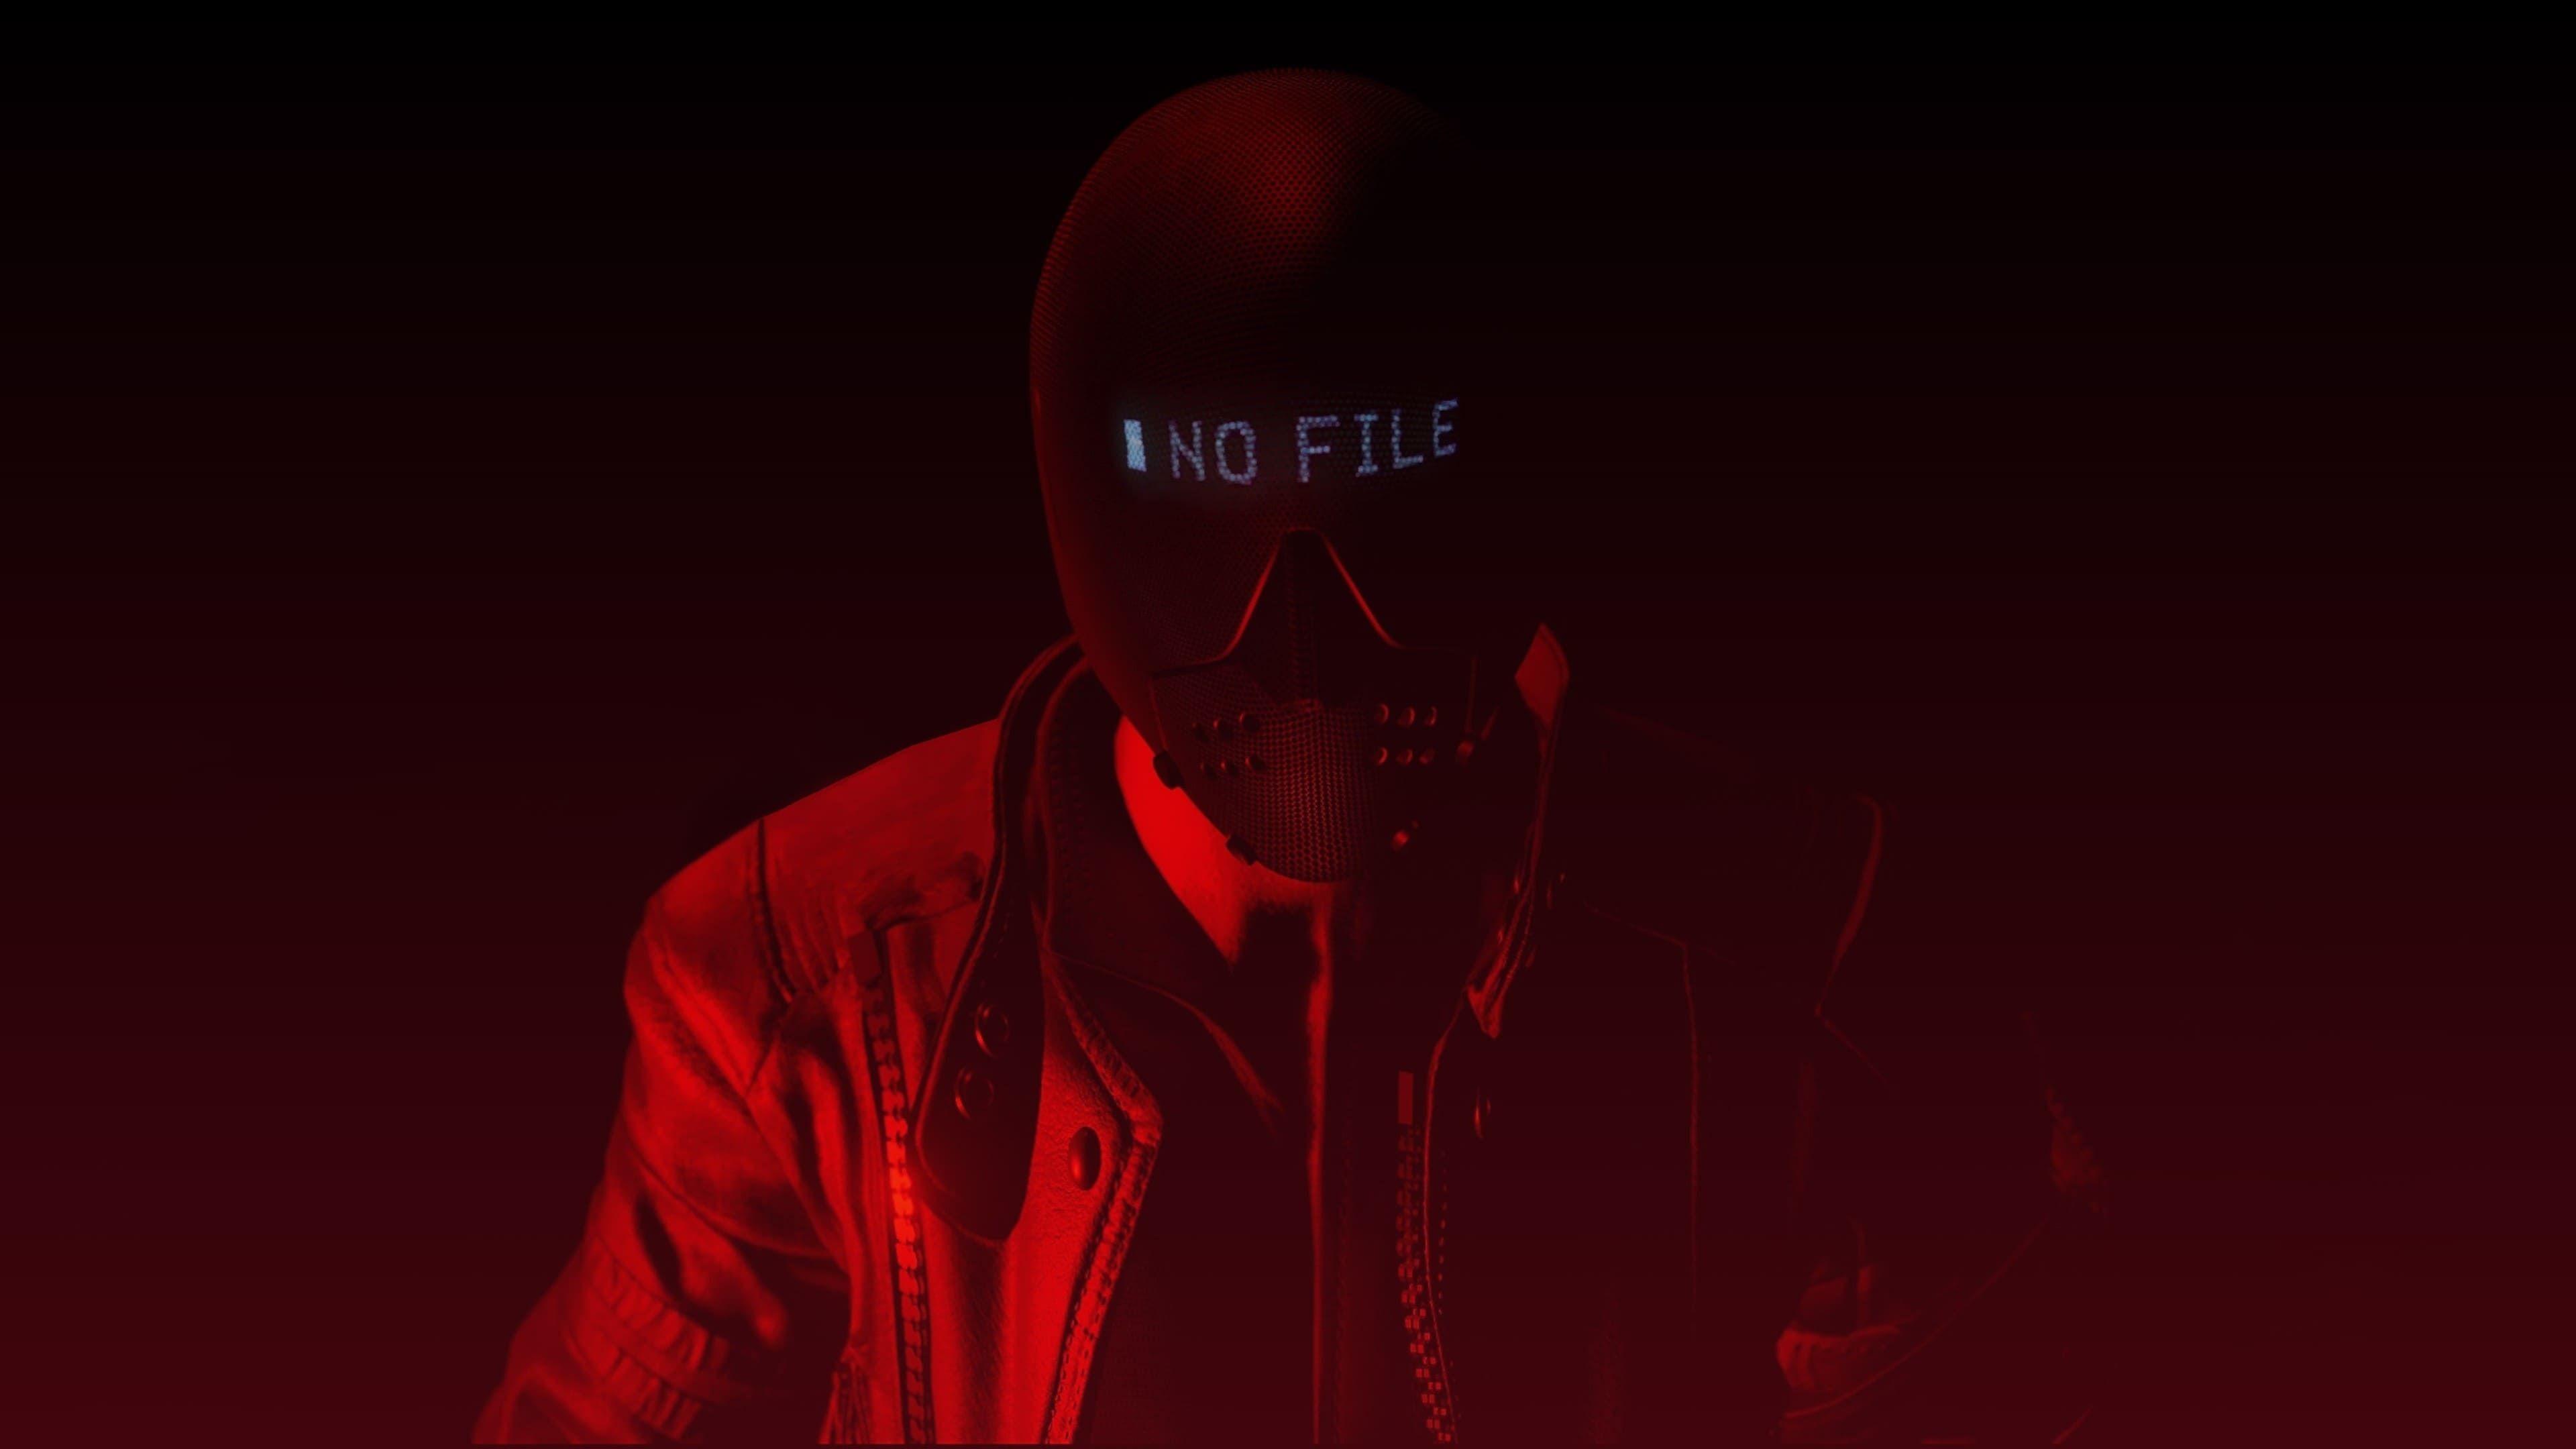 4k gaming wallpaper,red,black,maroon,darkness,light